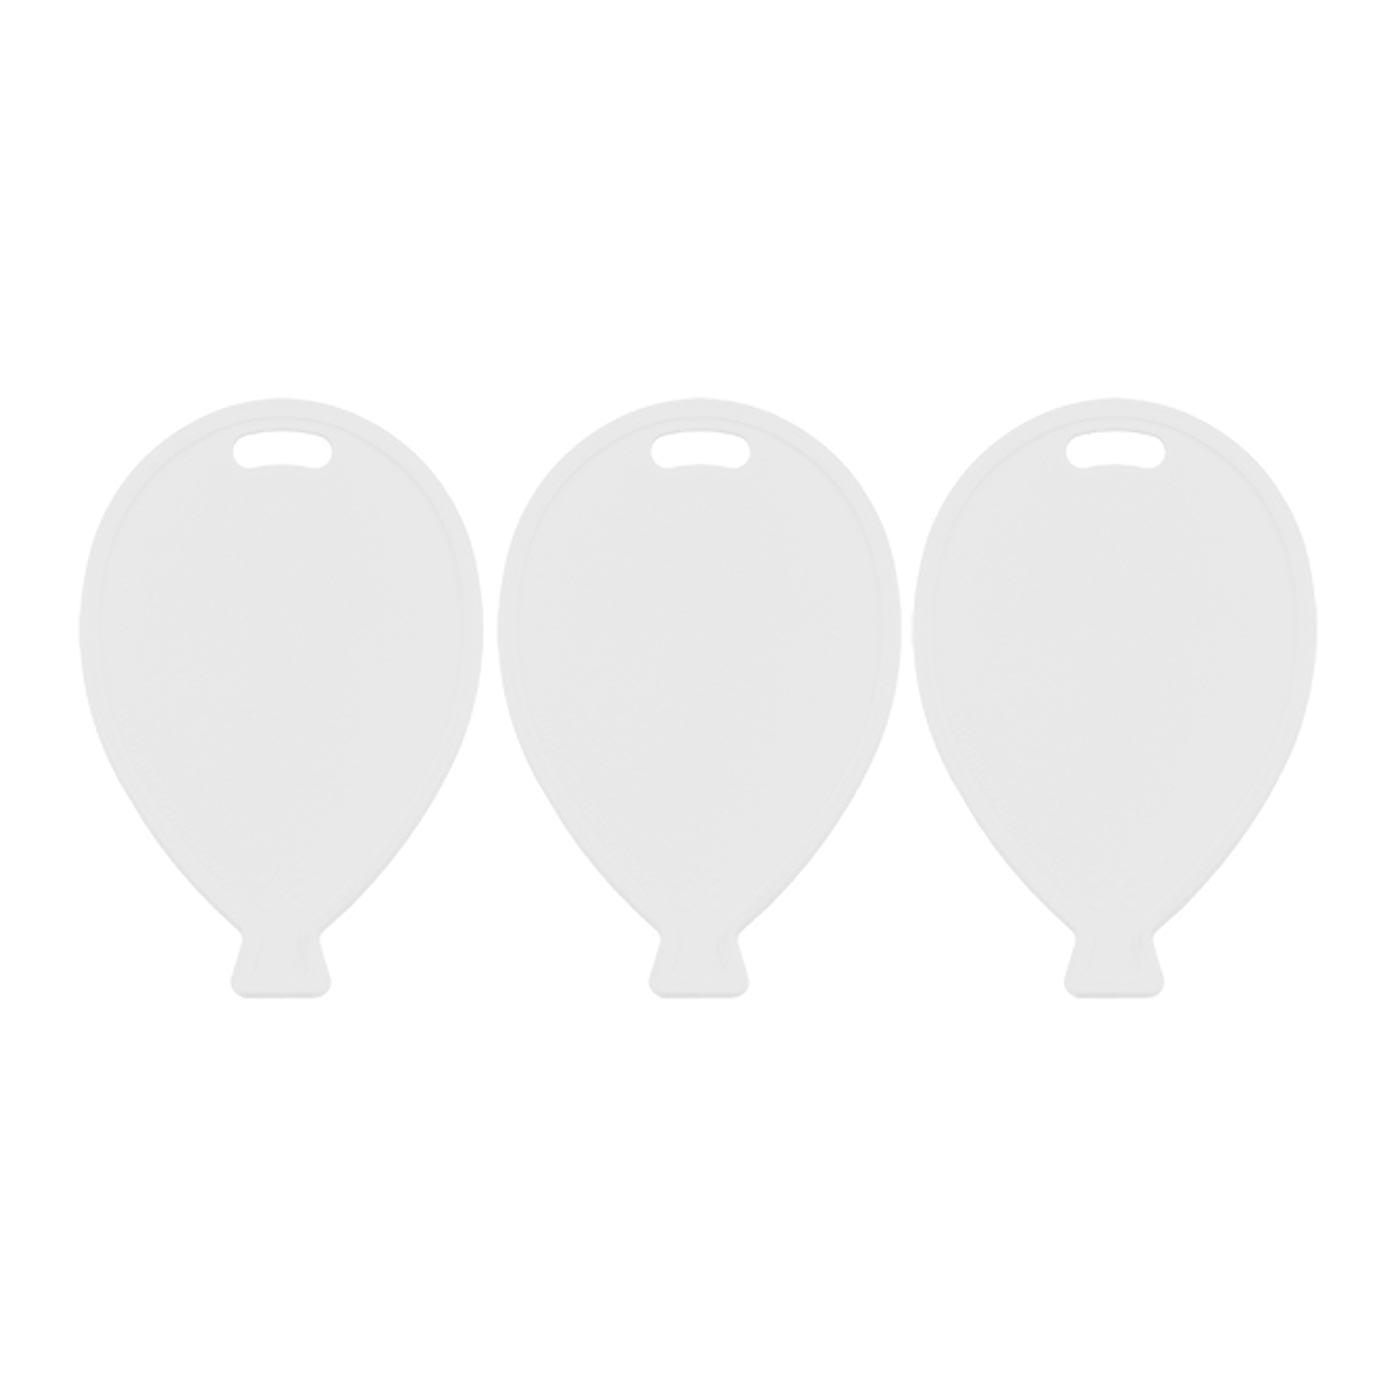 White Balloon Weights